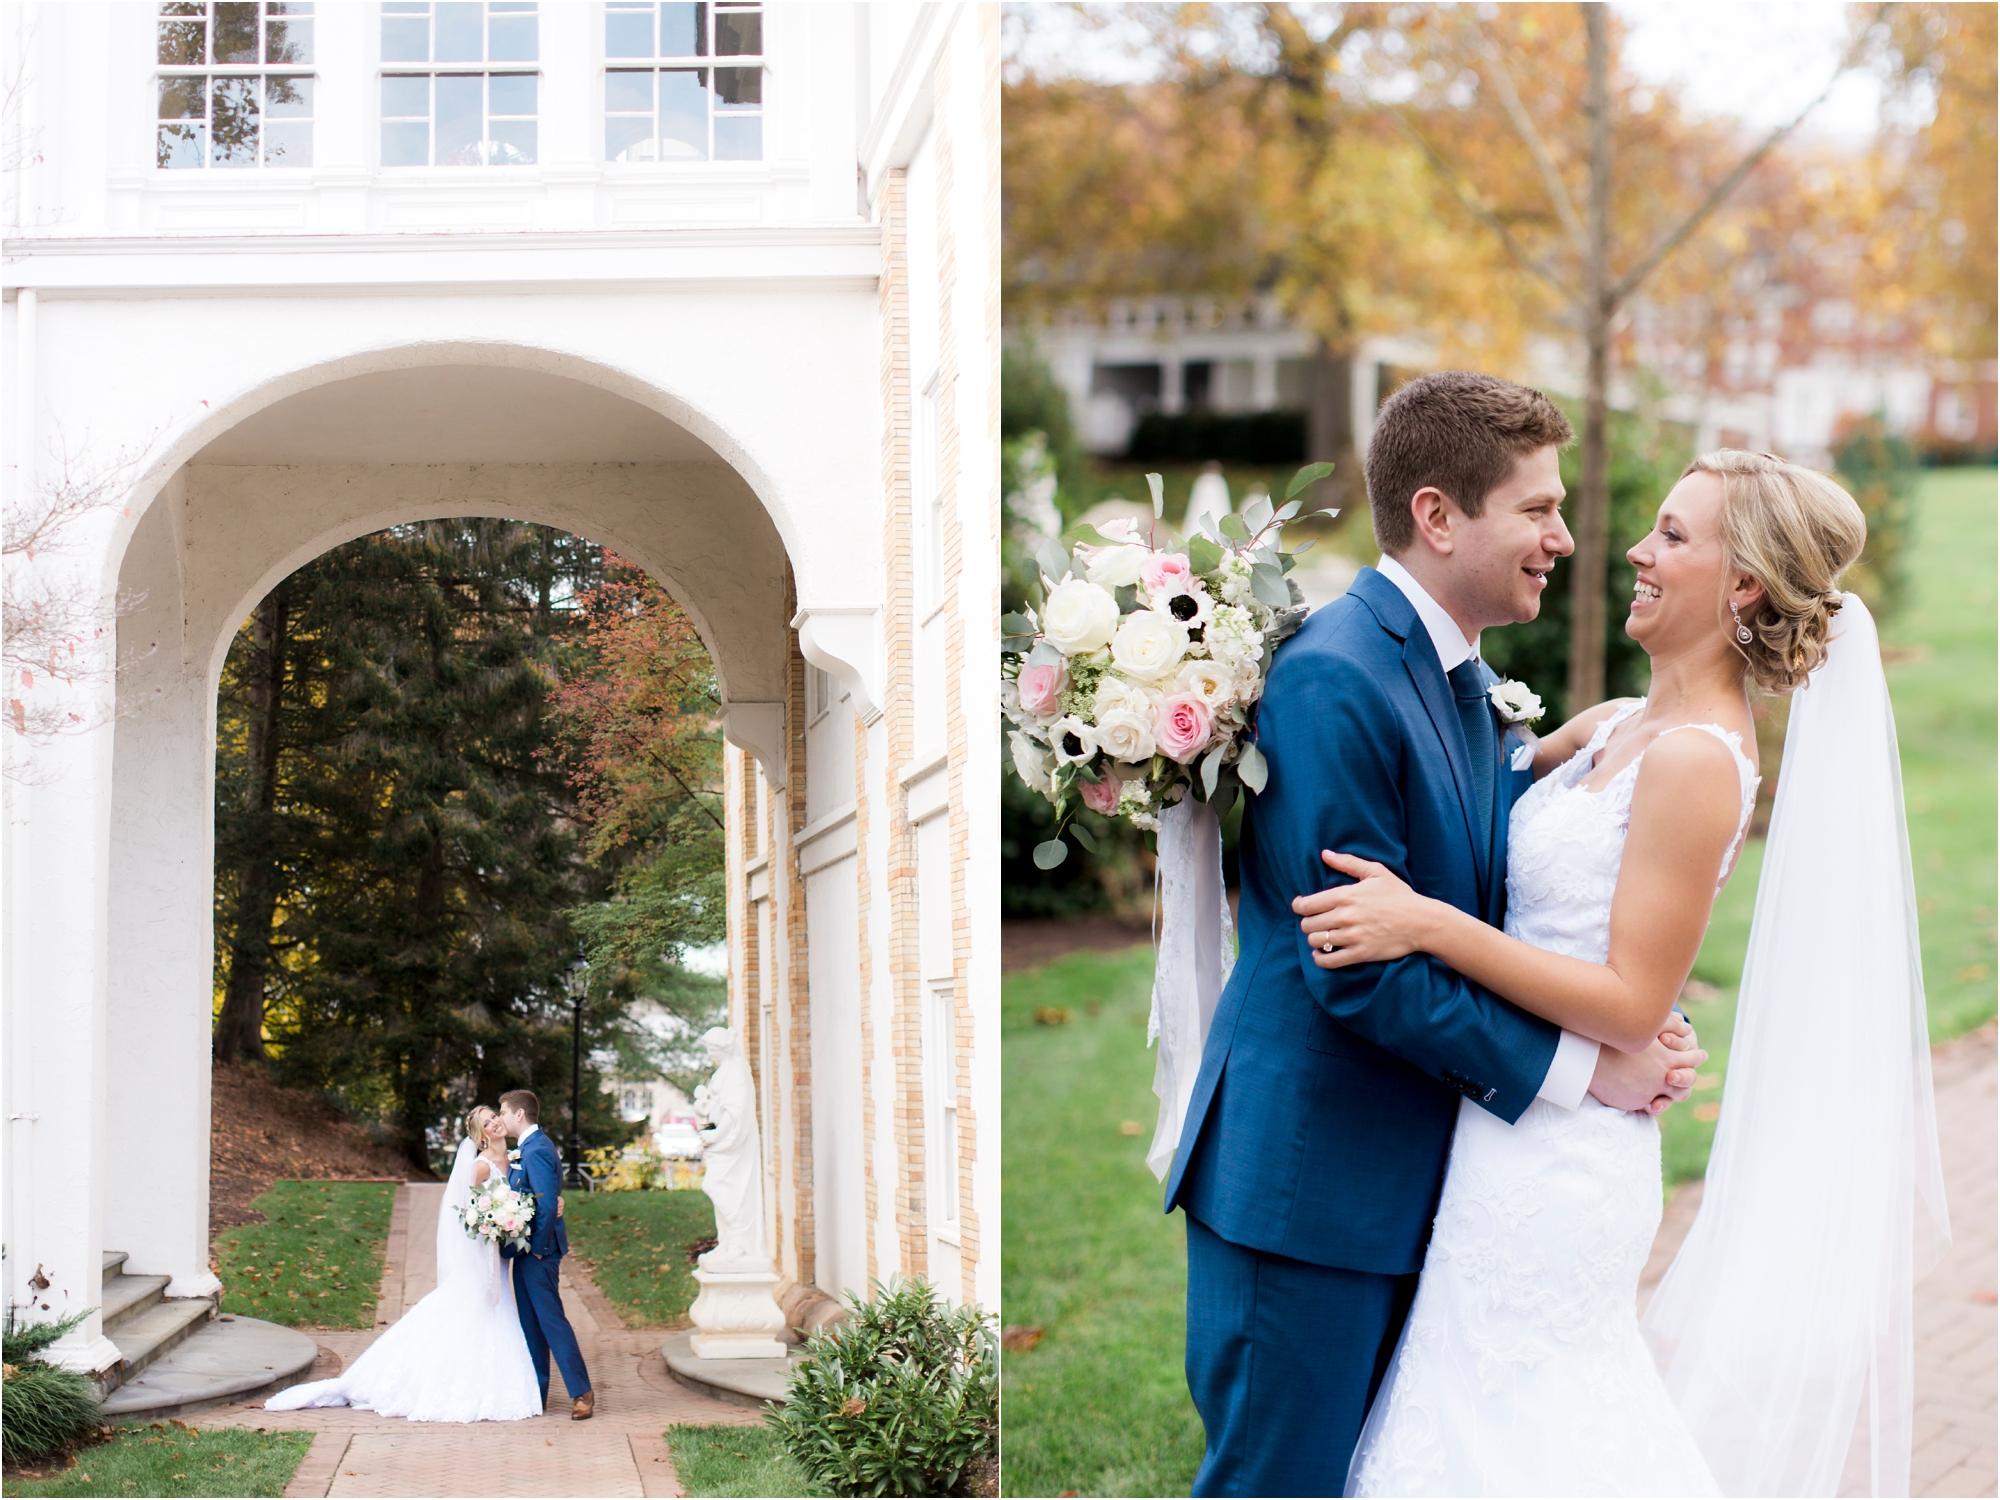 brooke-ilya-fall-virginia-omni-homestead-resort-wedding-photos_0020.jpg